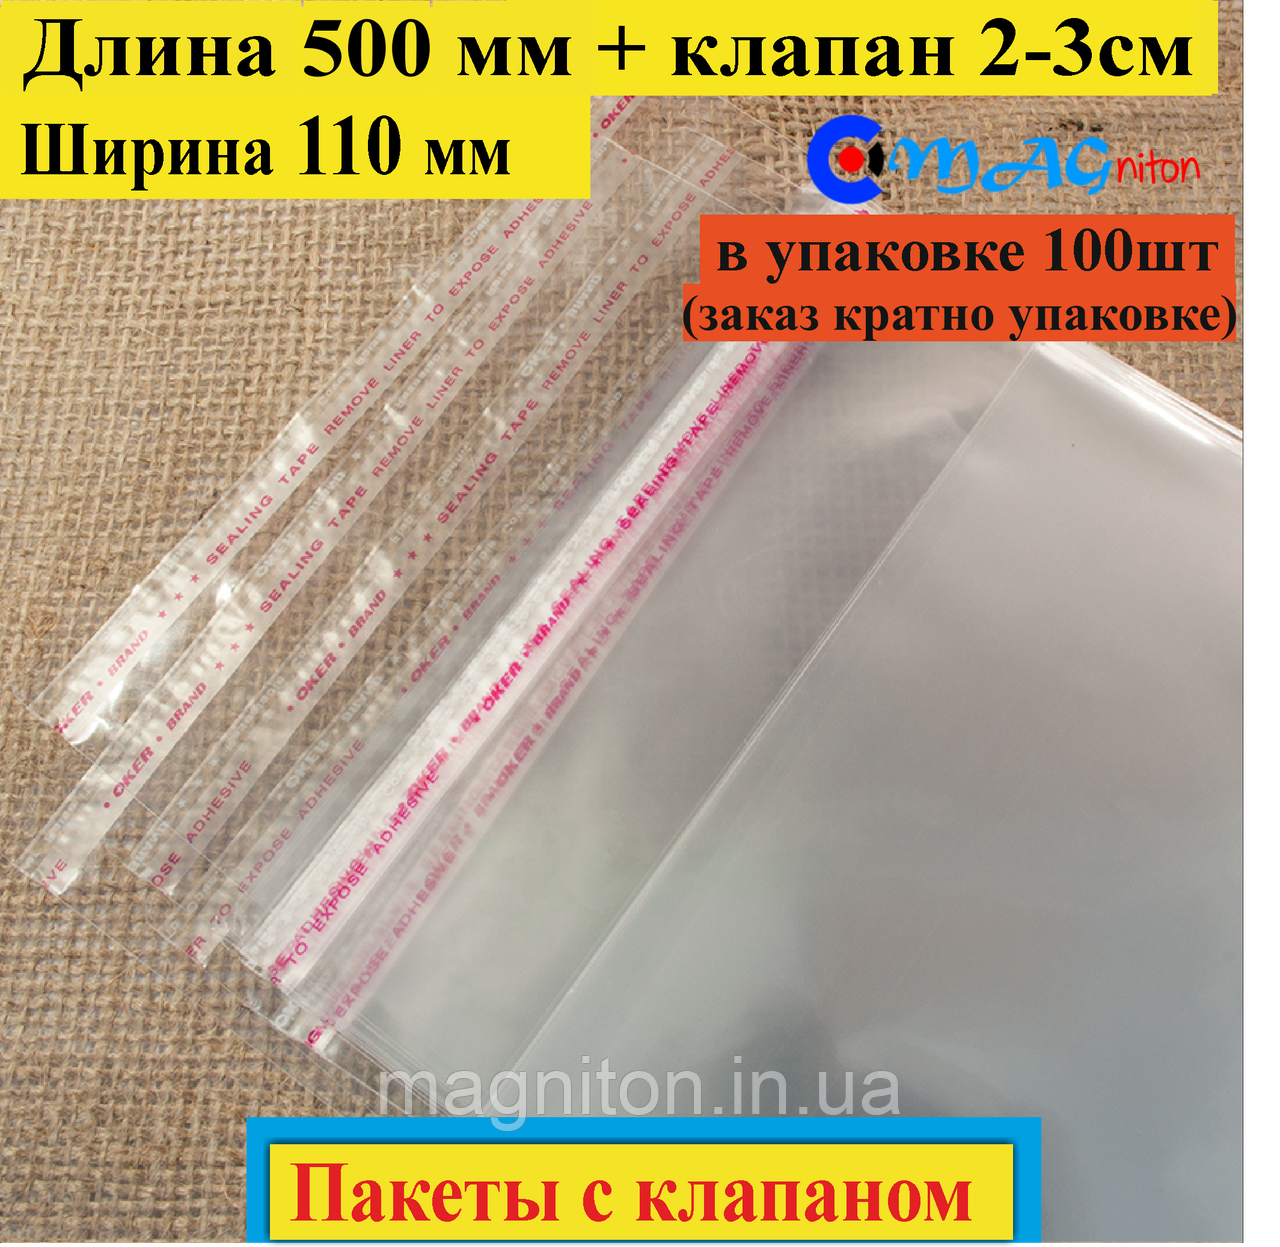 Пакет полипропиленовый 500х110 мм с клапаном и липкой лентой